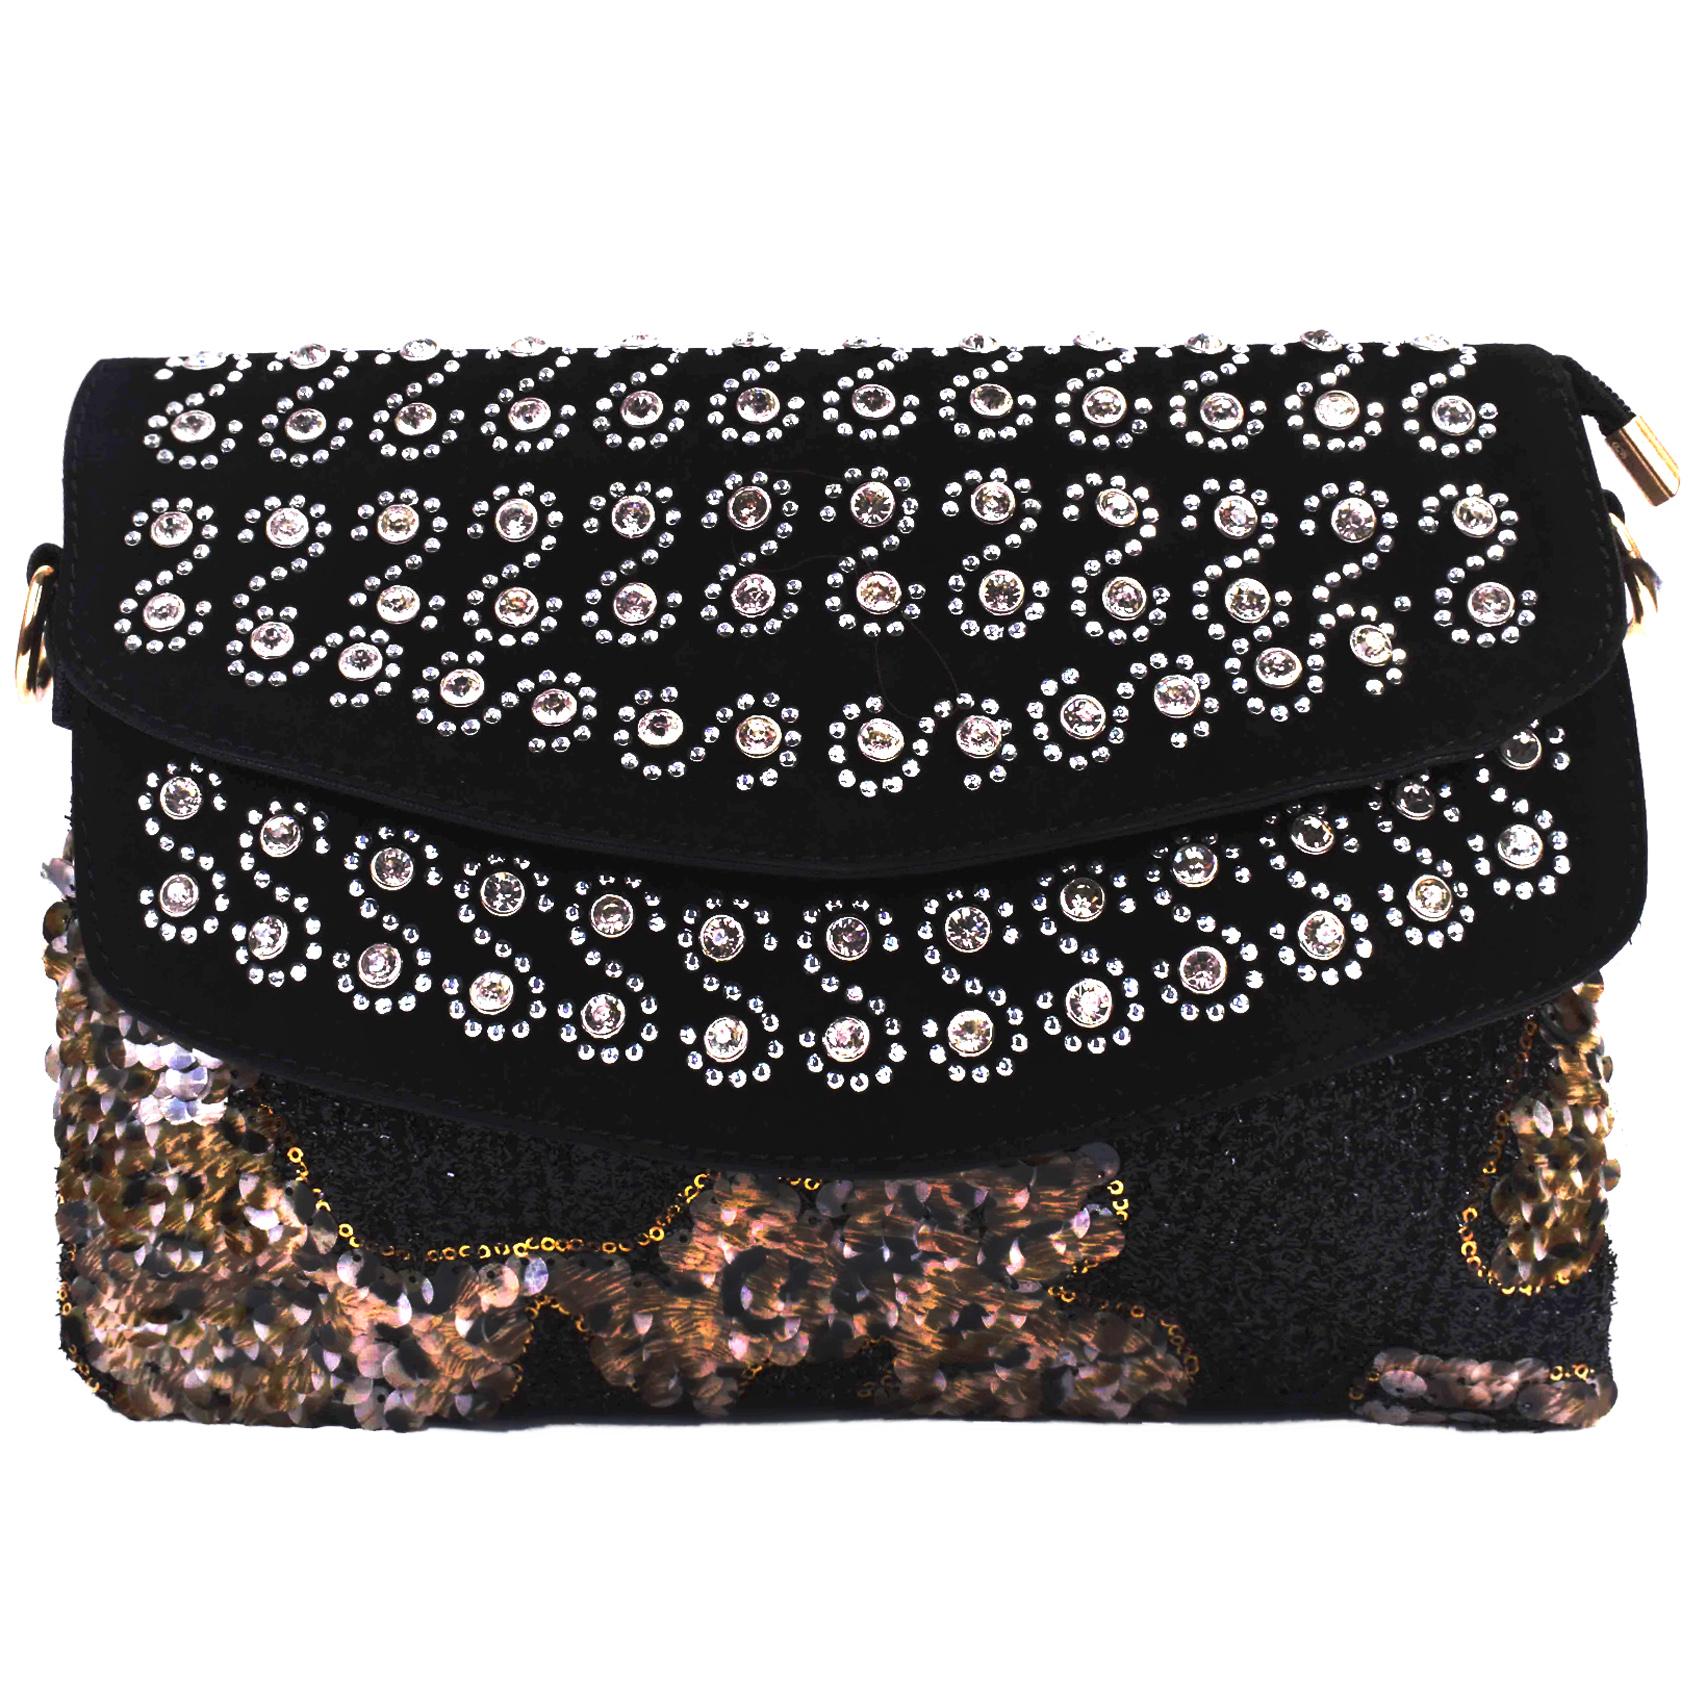 کیف دستی زنانه کد 1001